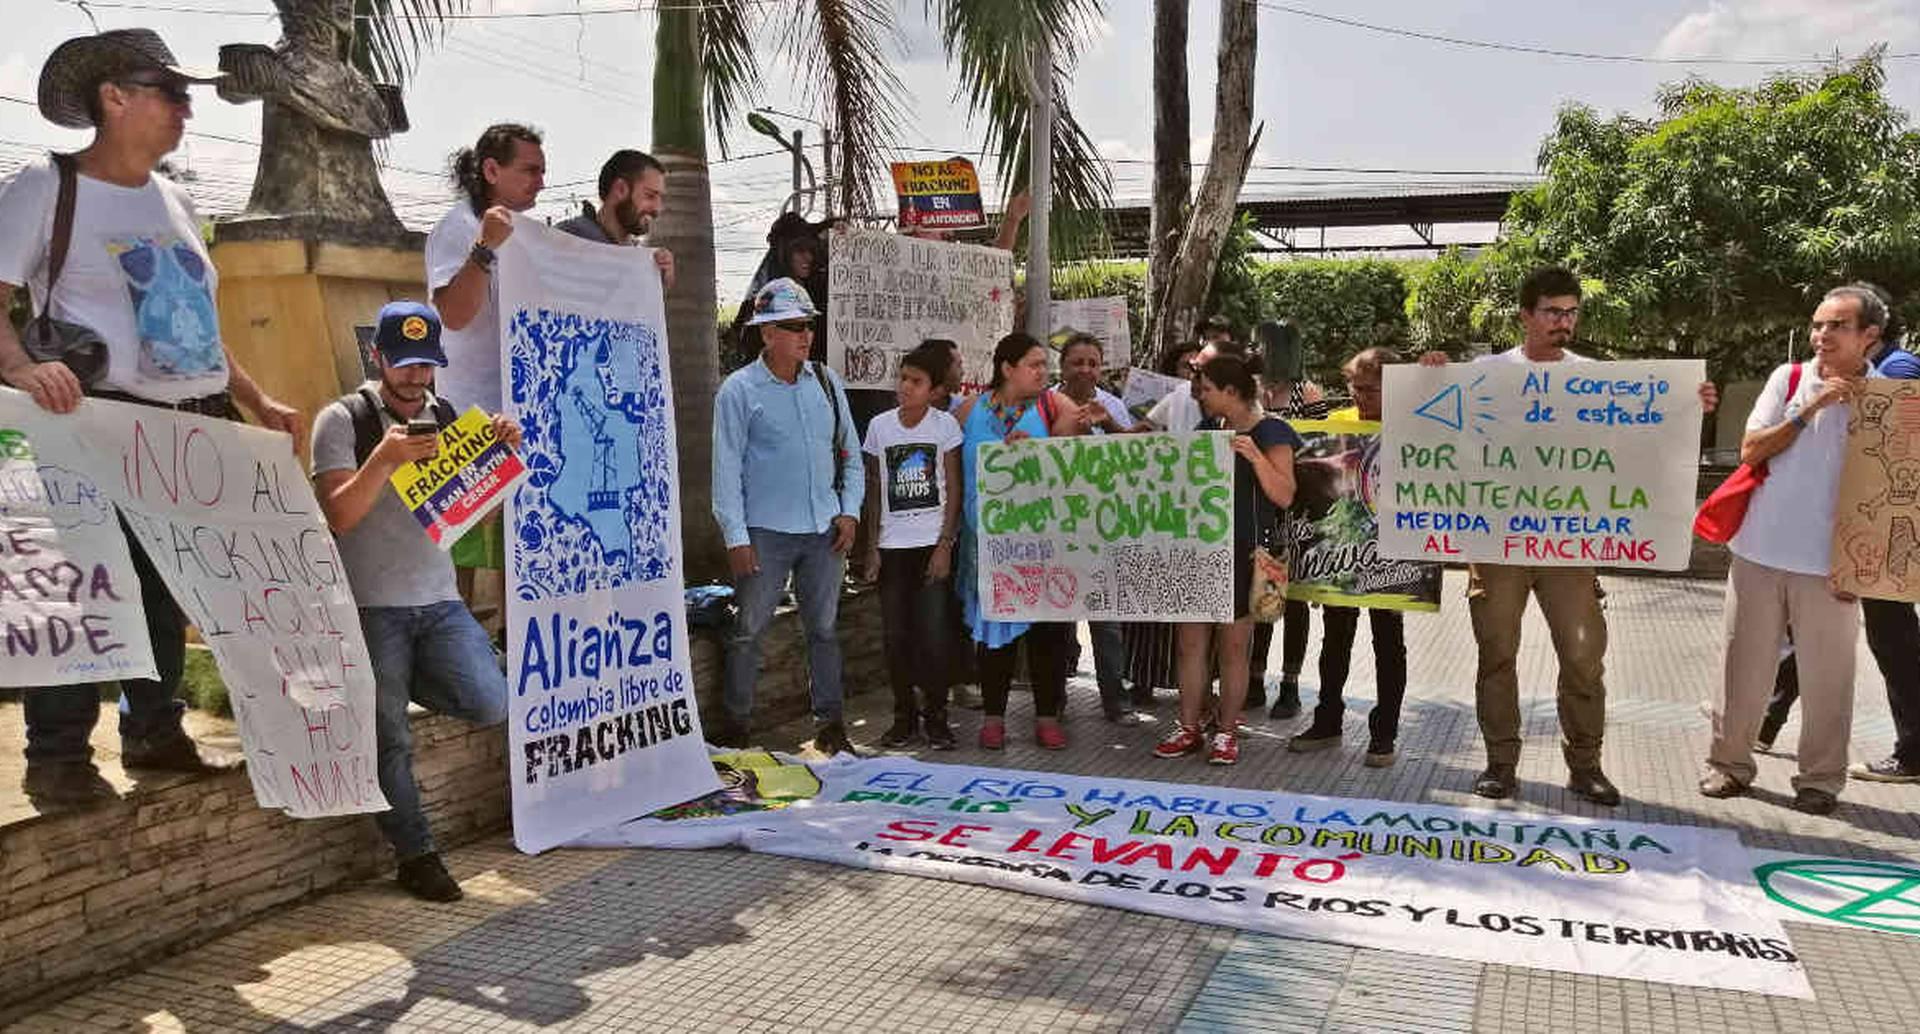 Los habitantes de San Martín (Cesar) fueron los primeros en Colombia en oponerse a la realización de fracking en su territorio. Aquí en una manifestación pacífica. Foto: Mauricio Ochoa Suárez/Semana.